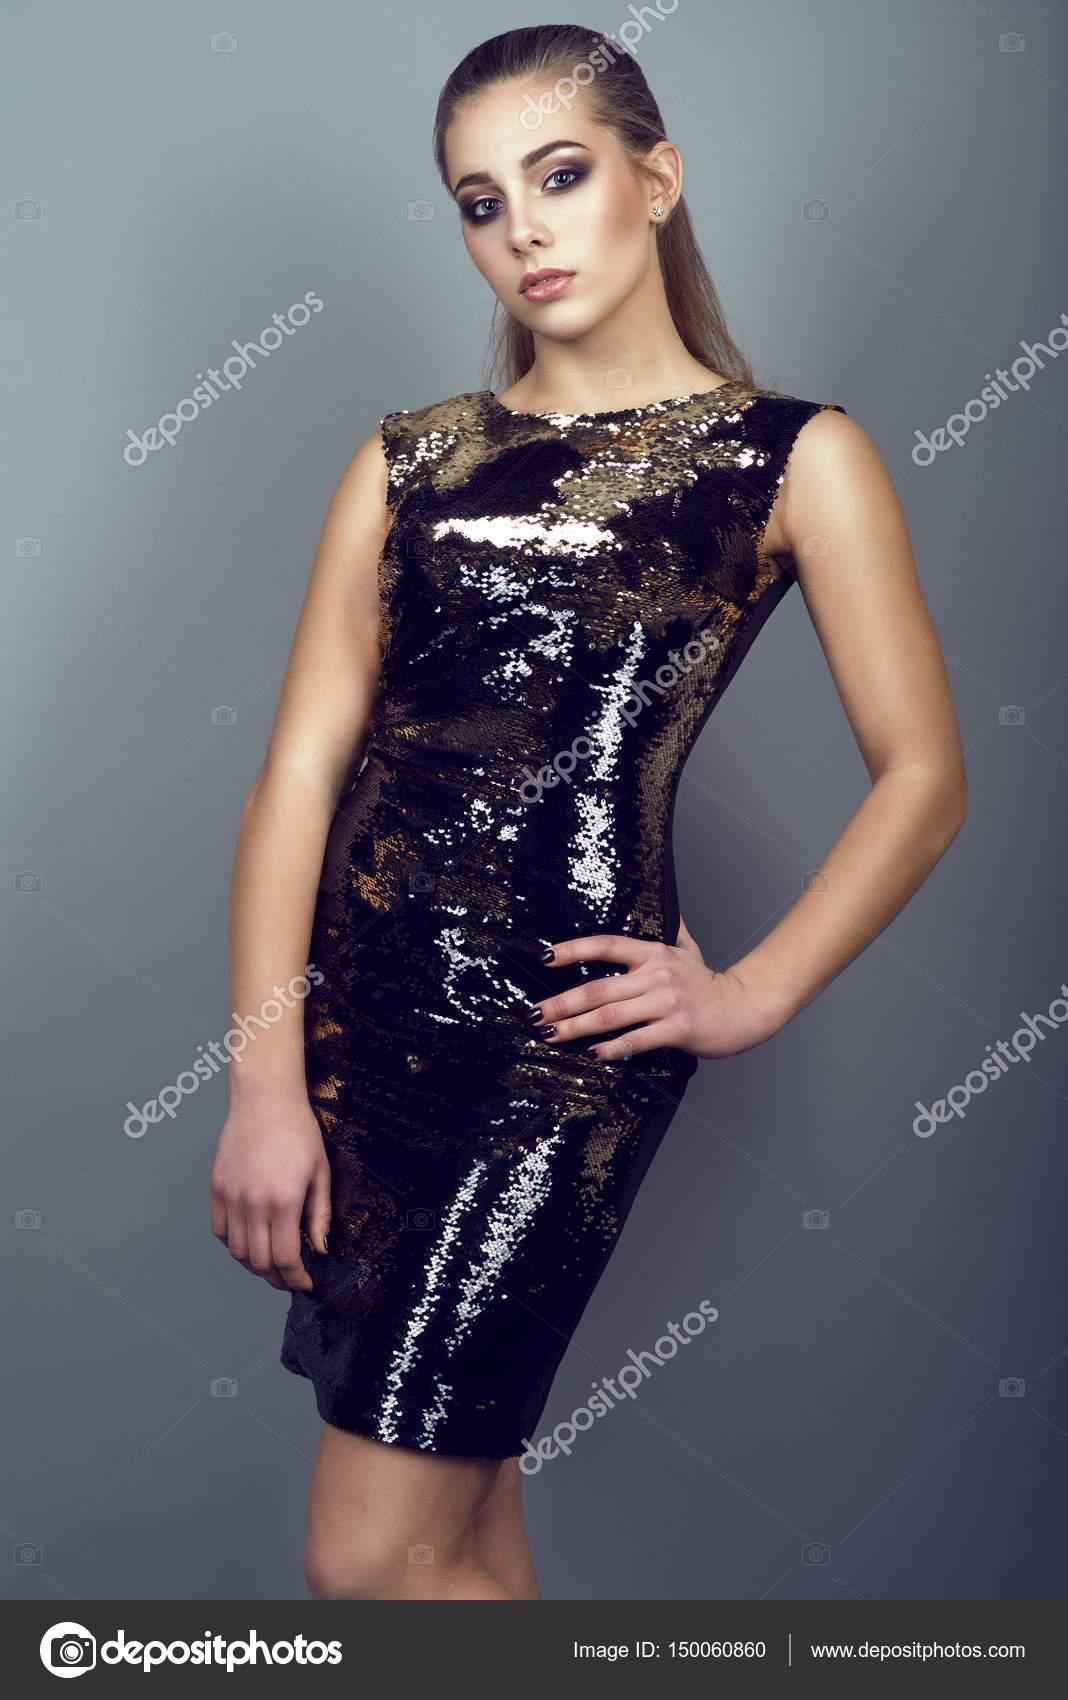 e32658e07bee3e Portret van jonge prachtige slanke model met paardenstaart en artistieke  make-up dragen strakke sequin gouden jurk staande met de hand op haar heup  op de ...